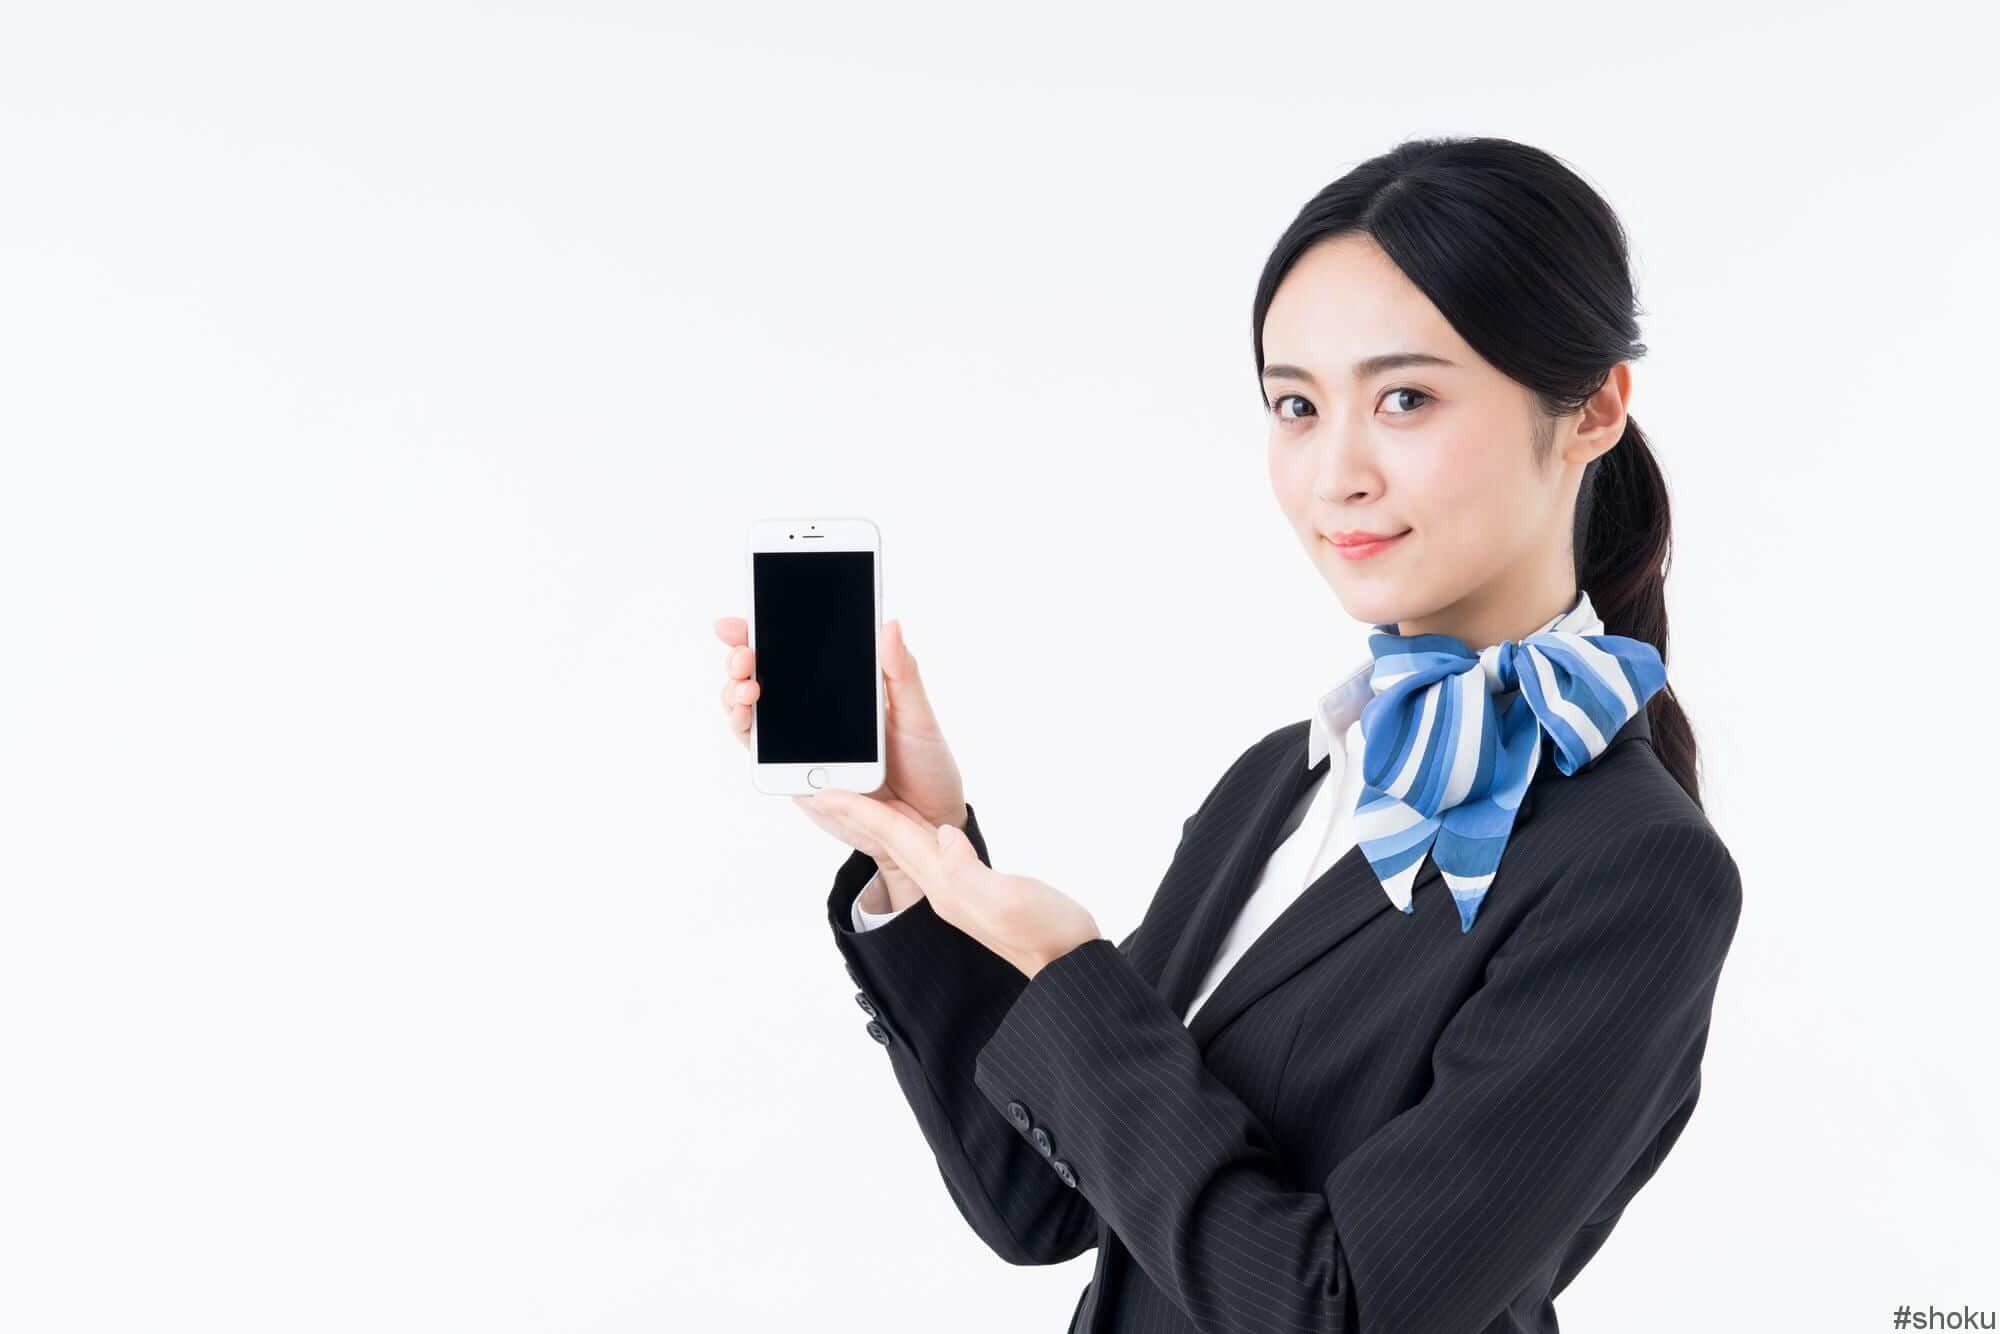 携帯販売の派遣会社別求人数ランキング